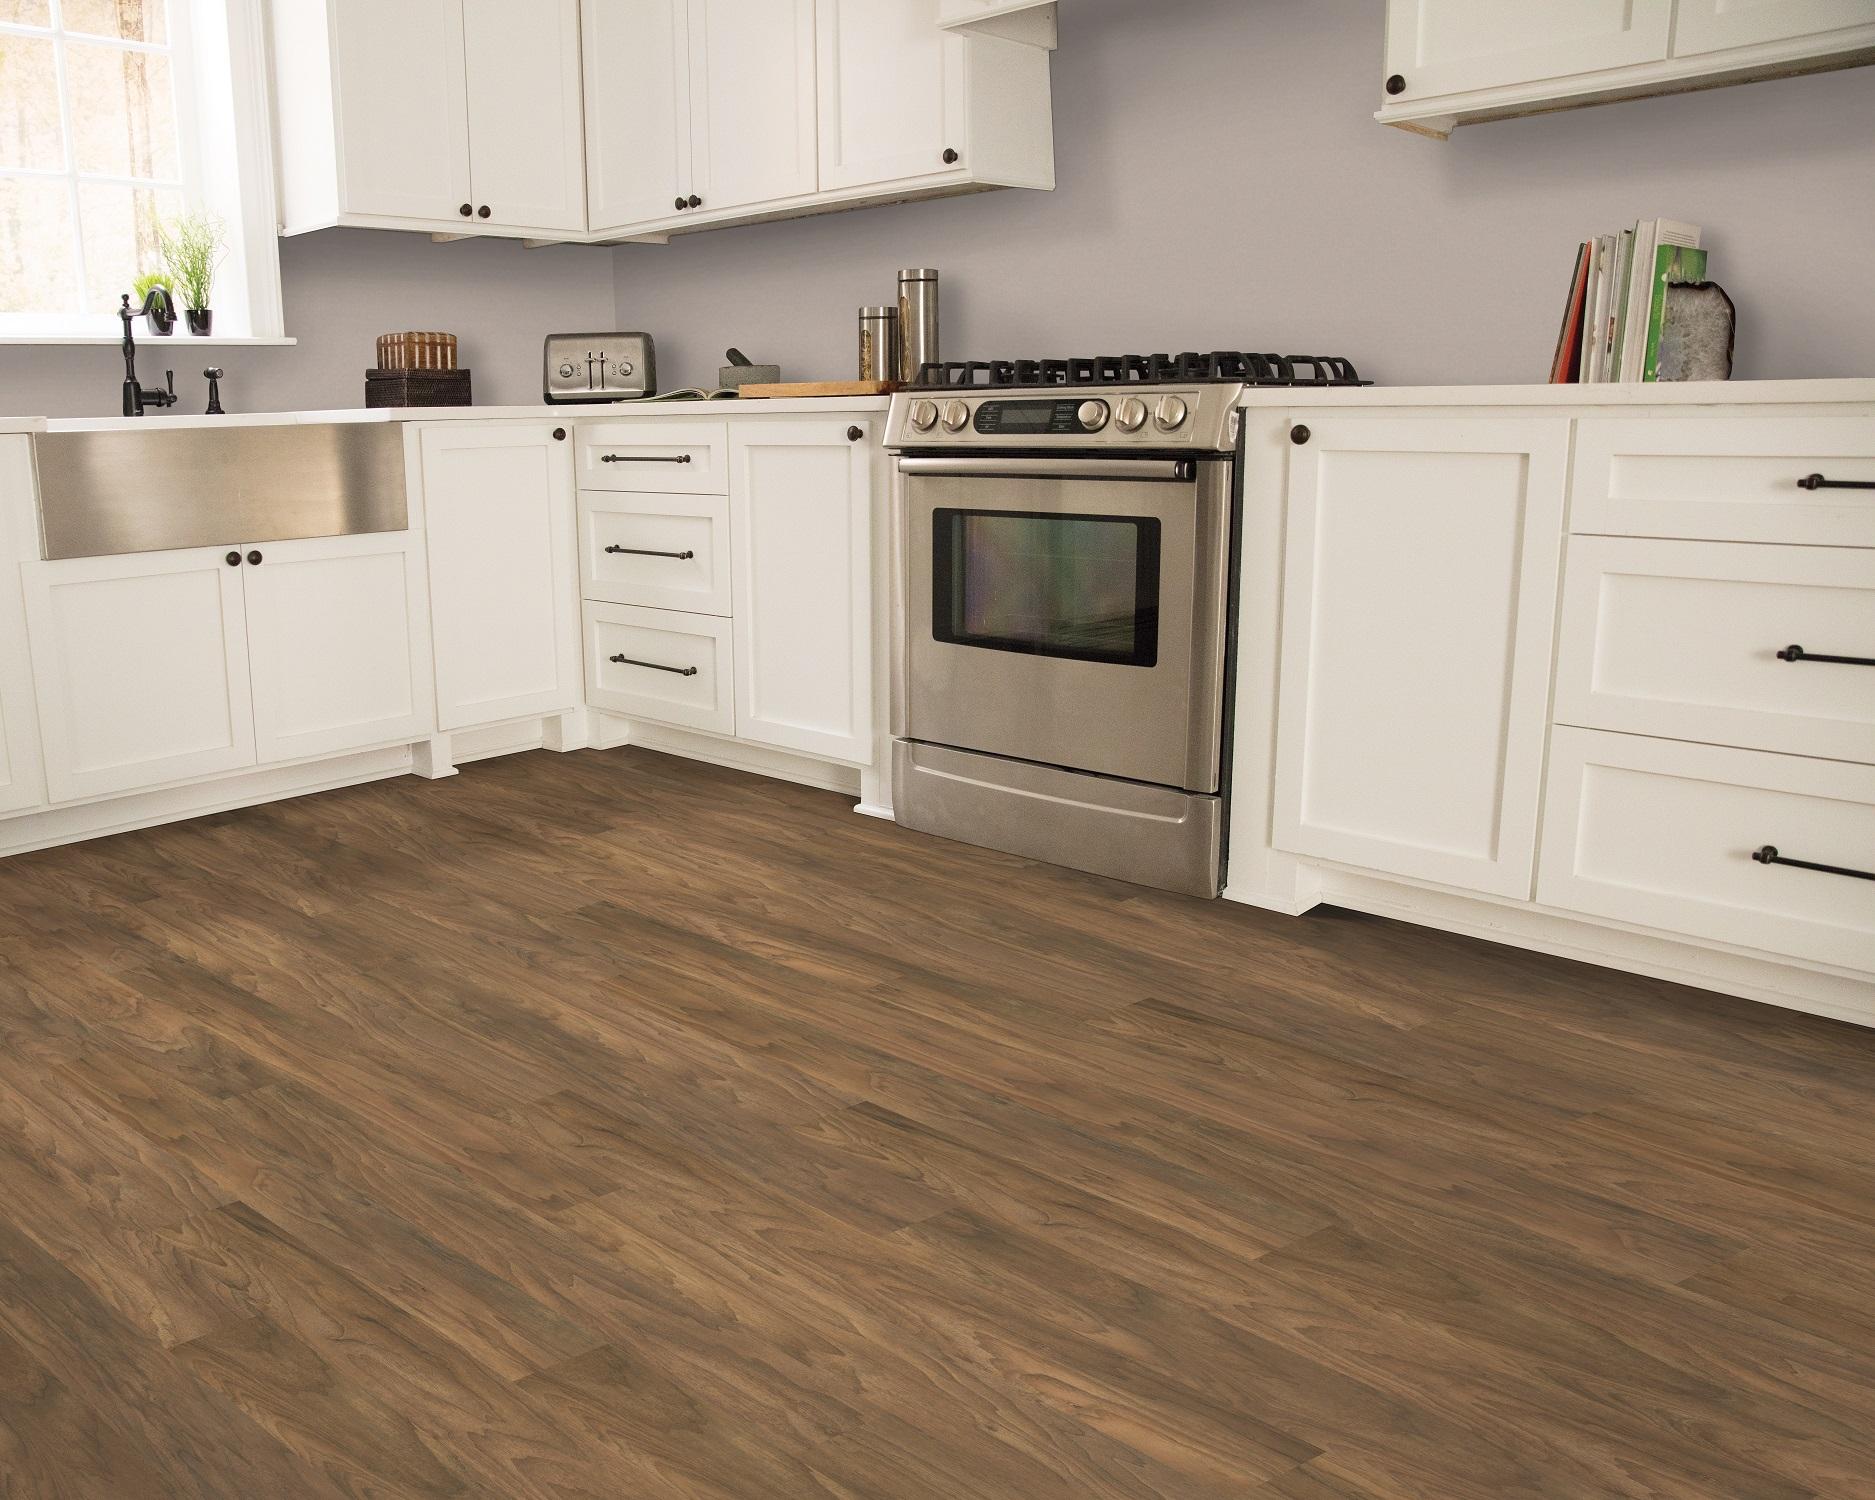 Vinyl plank flooring in a Maple Ridge, BC kitchen